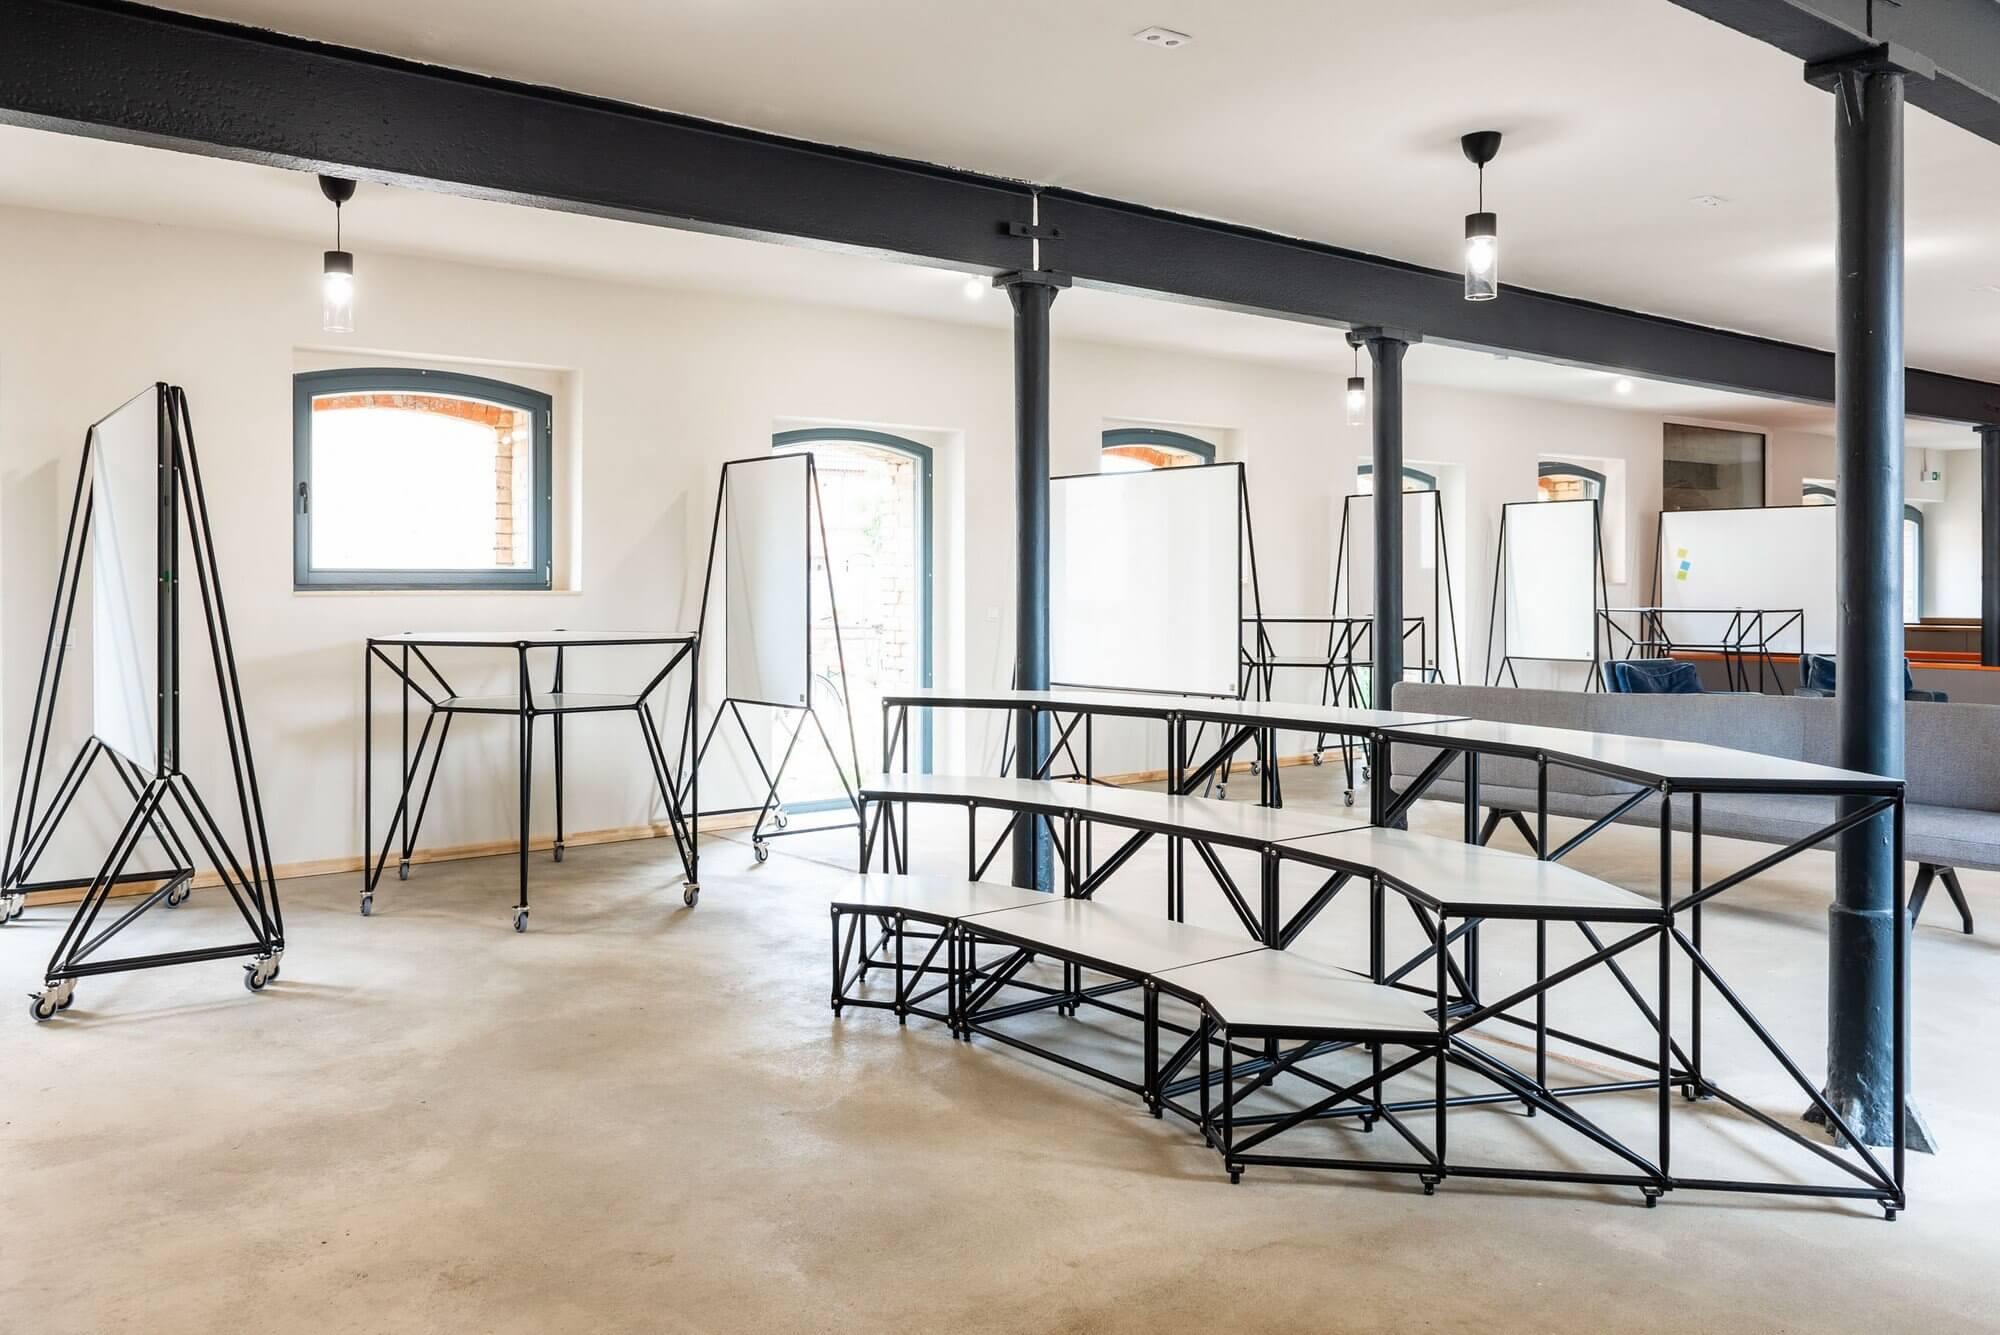 Un aménagement de mobilier professionnel innovant